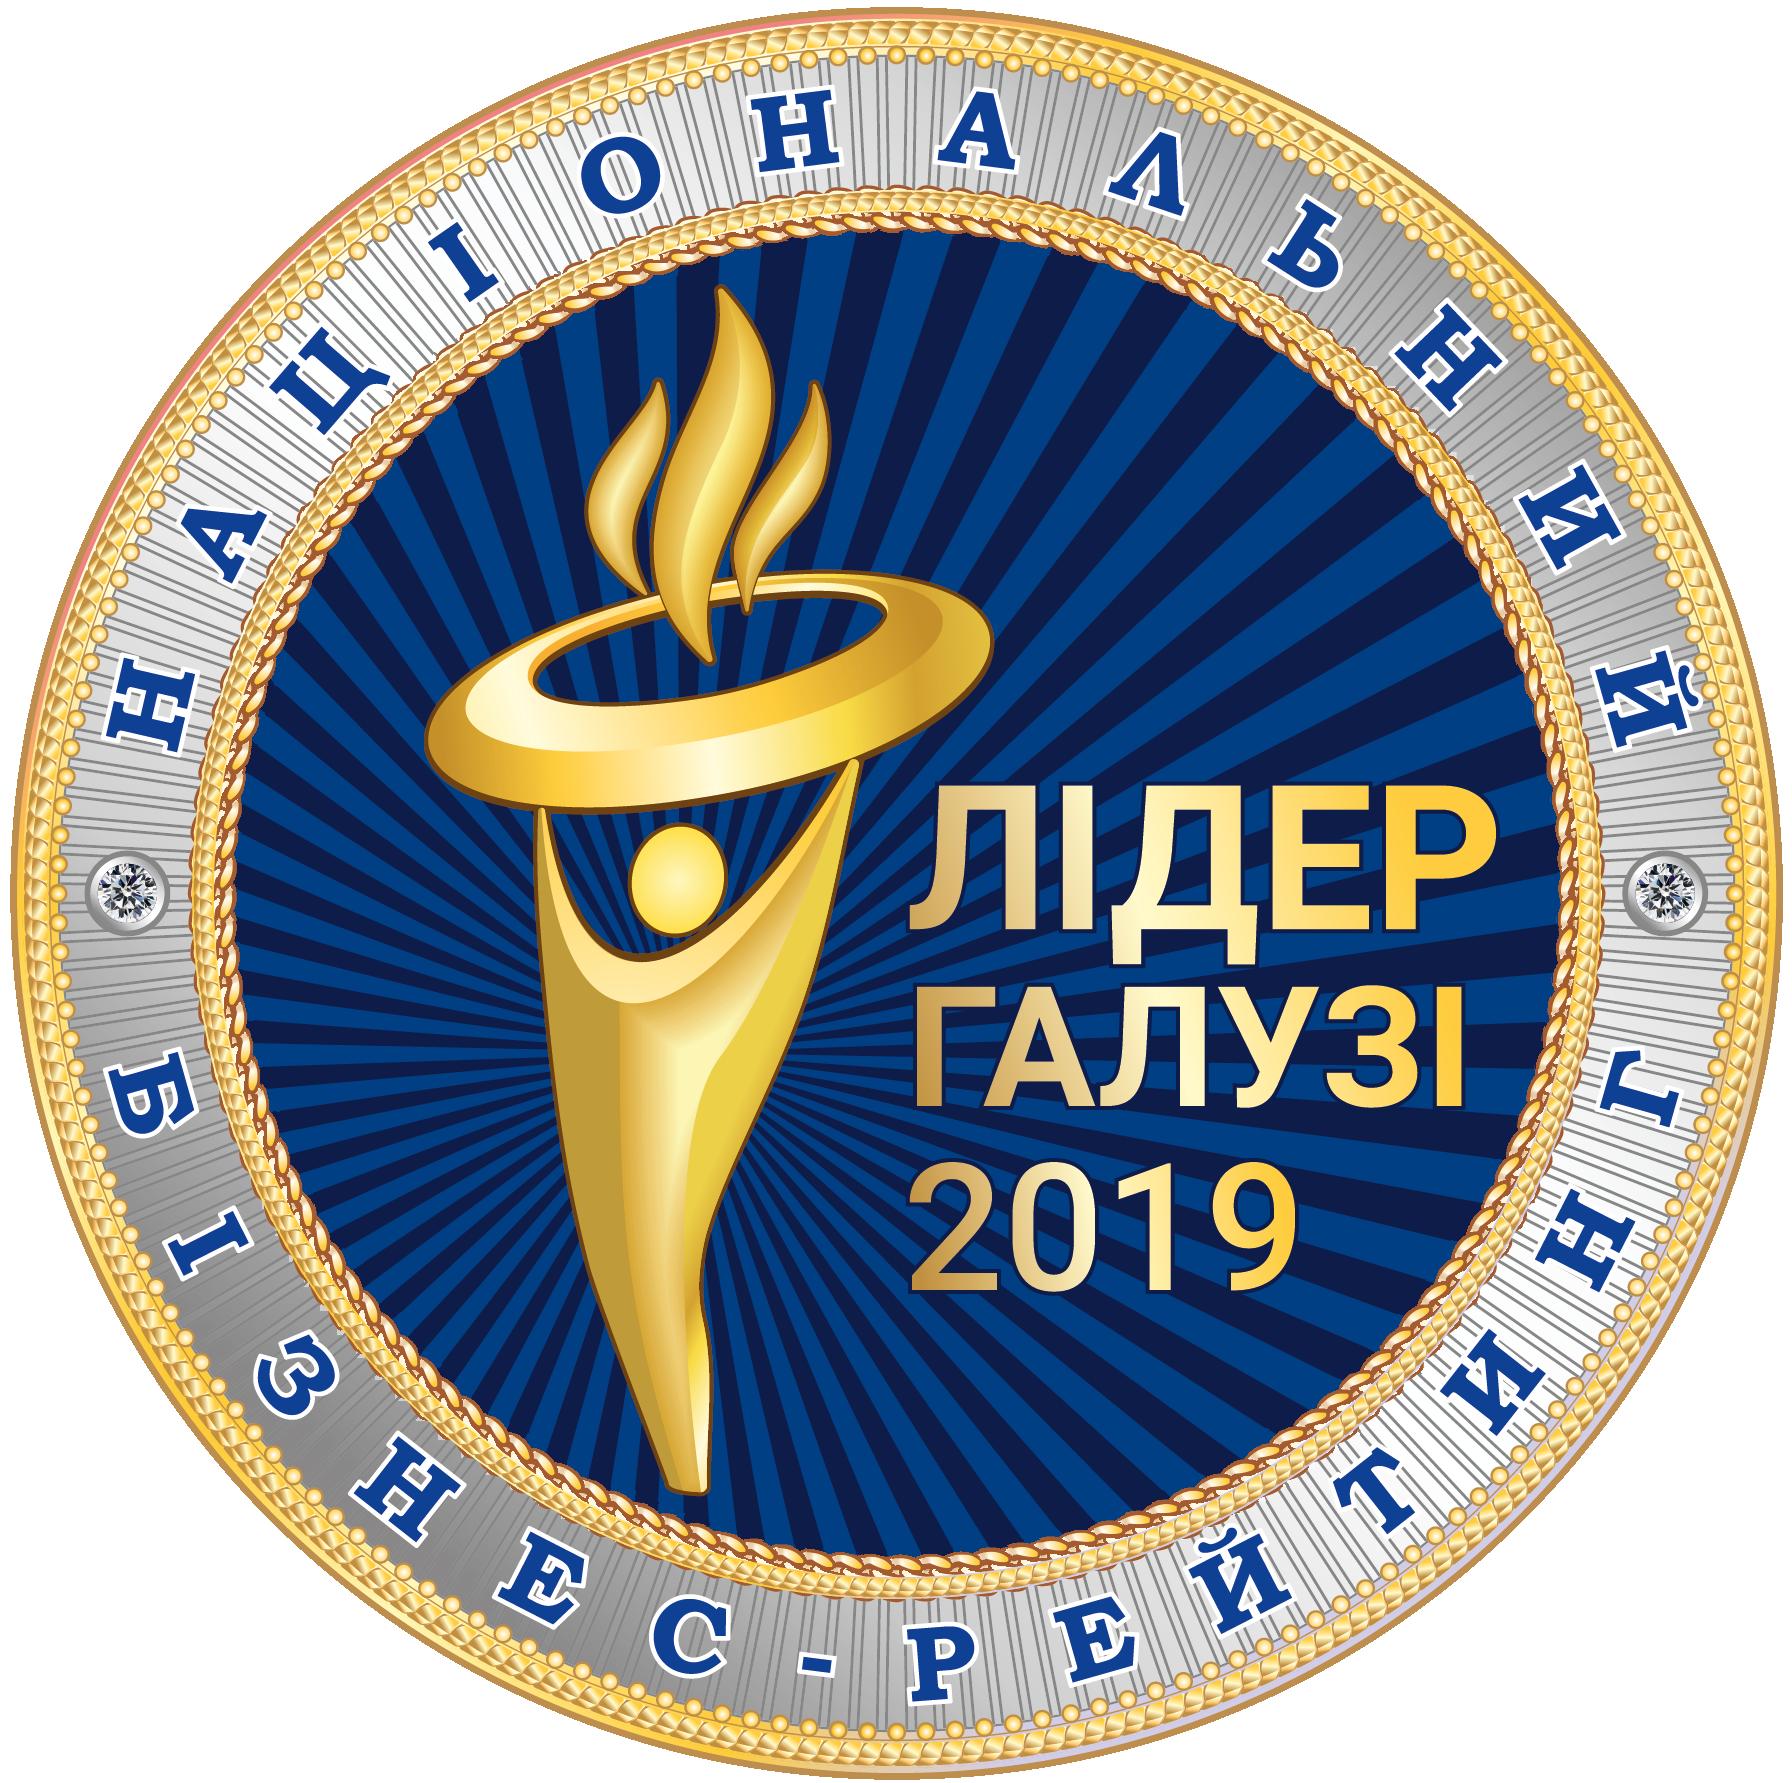 NBR 2019_UA